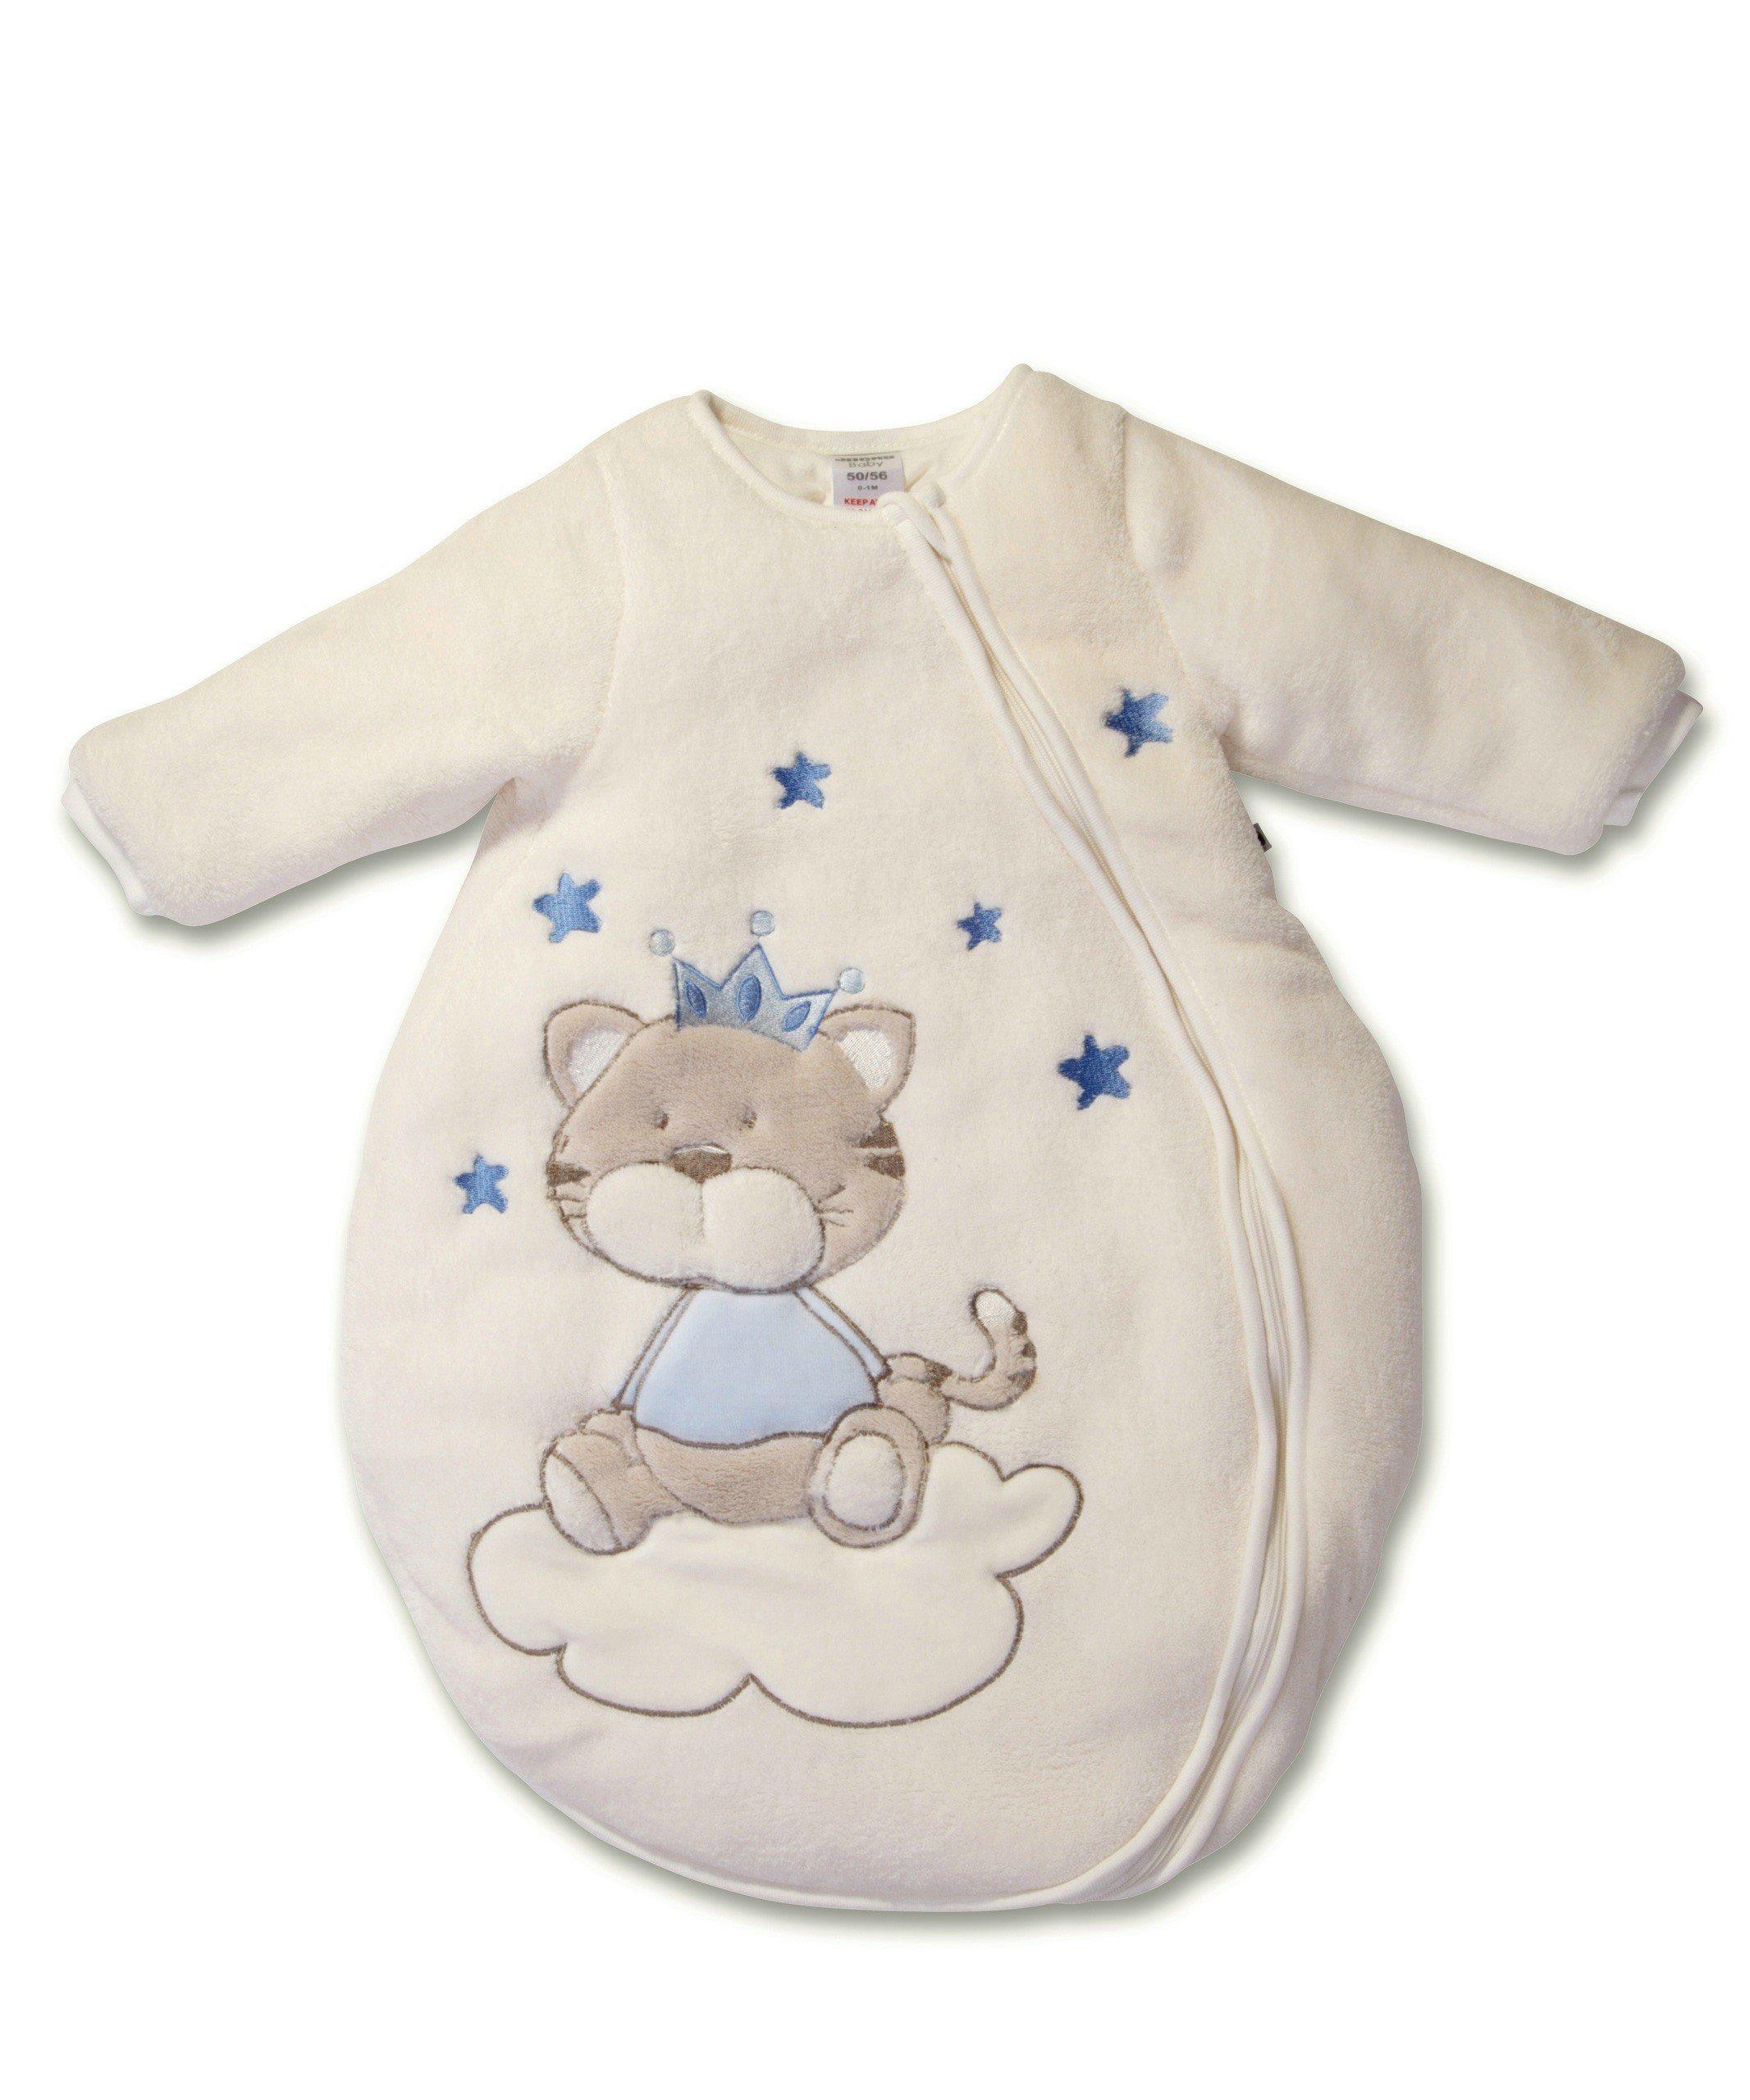 Jacky Jungen Baby Ganzjahres Schlafsack Langarm Gr 50//56 350013 100/% Baumwolle Hellblau//Ringelstreifen